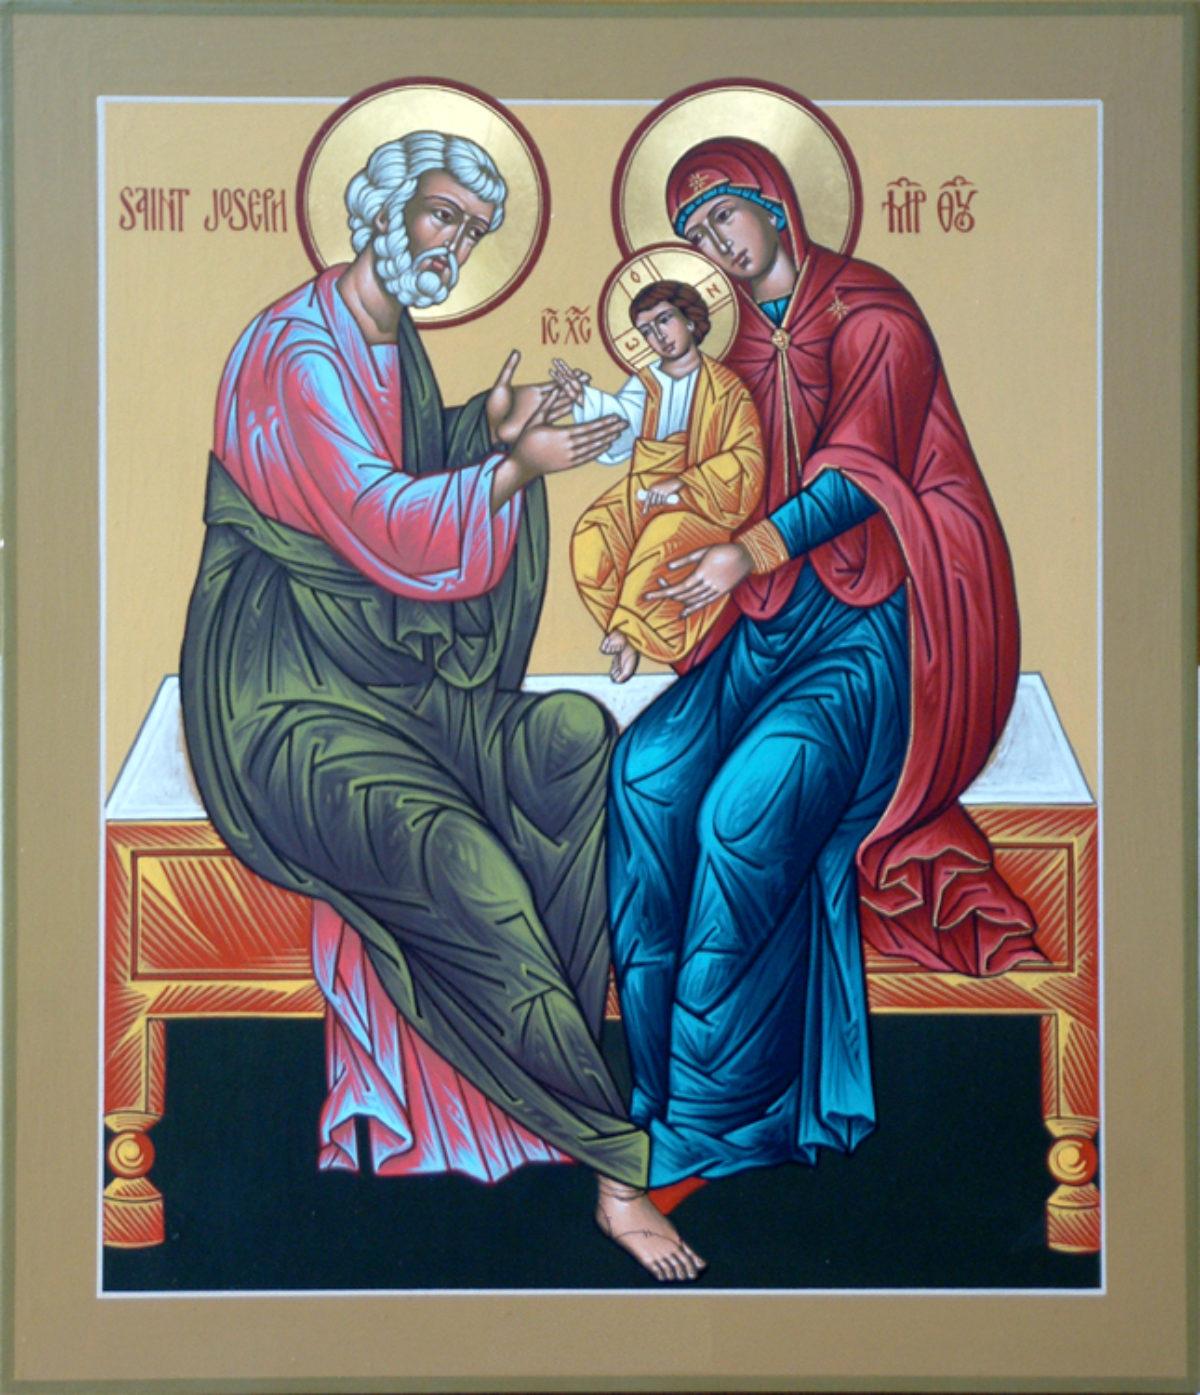 О житии праведного Иосифа Обручника